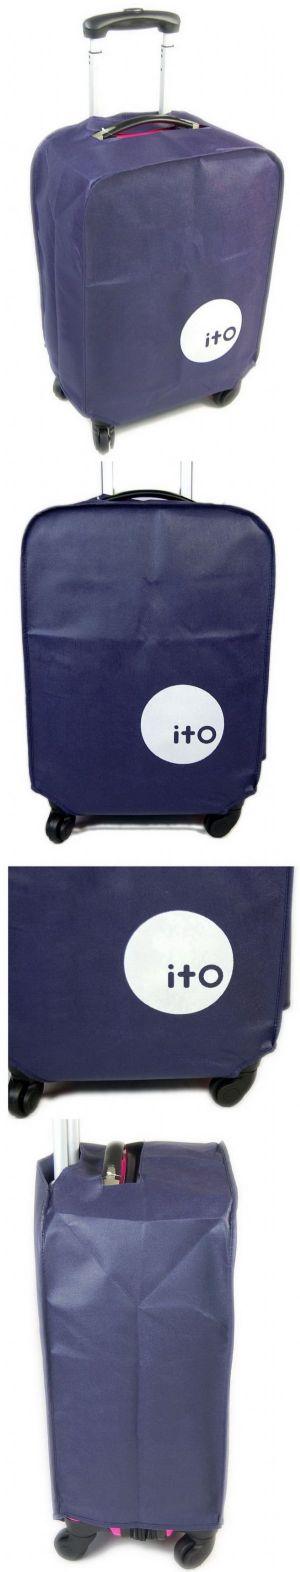 ของใช้สำหรับเดินทาง : ปลอกหุ้มกระเป๋าเดินทาง